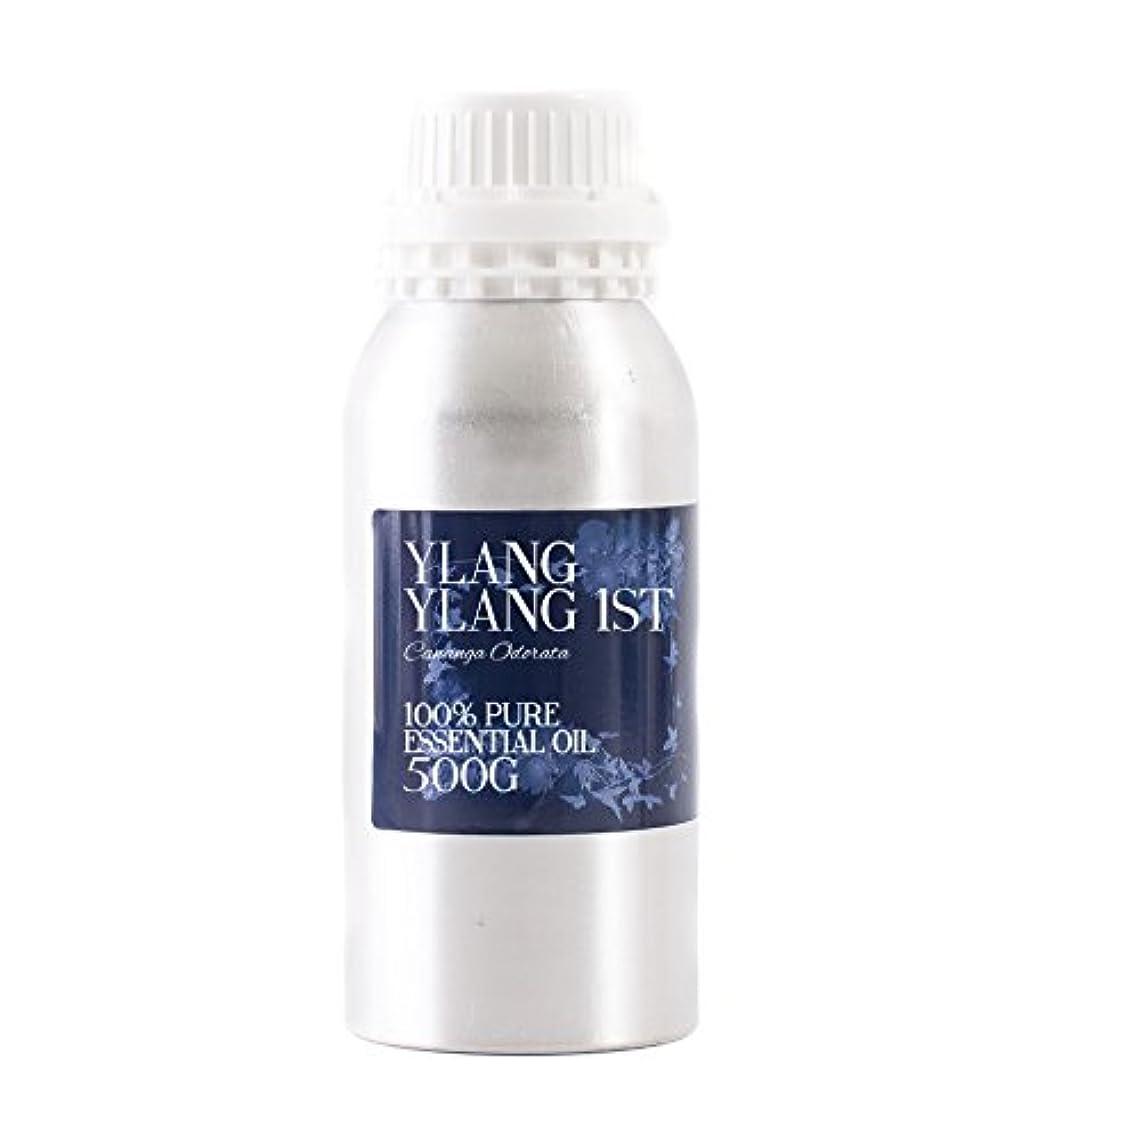 ホームカセット慣れるMystic Moments | Ylang Ylang 1st Essential Oil - 500g - 100% Pure